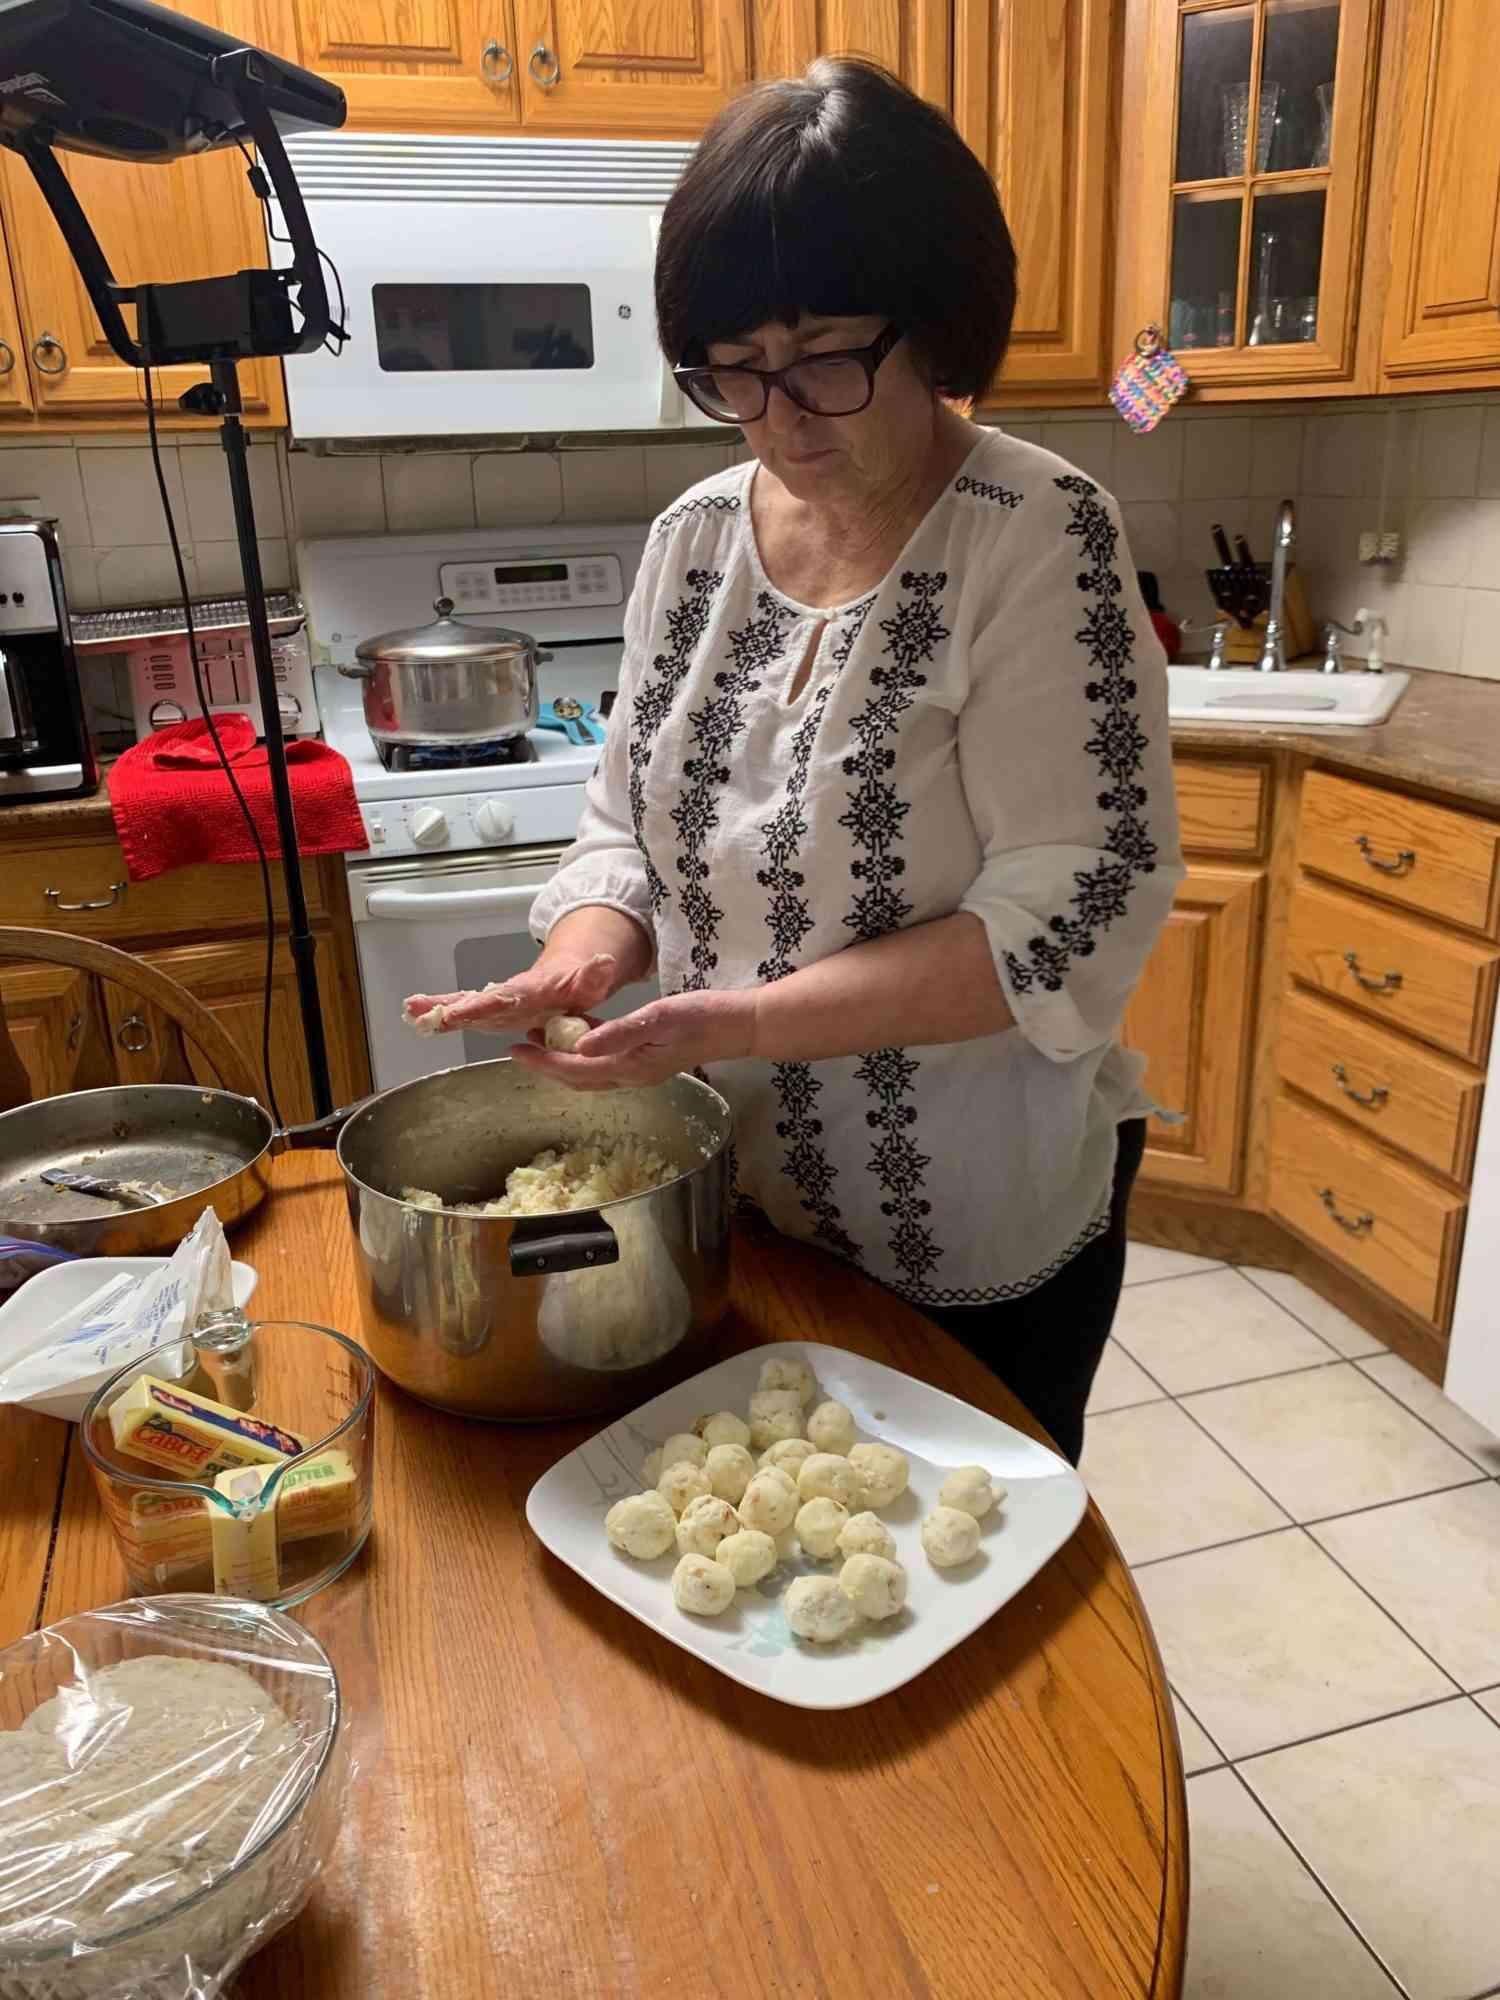 Vicky's mom making pierogi